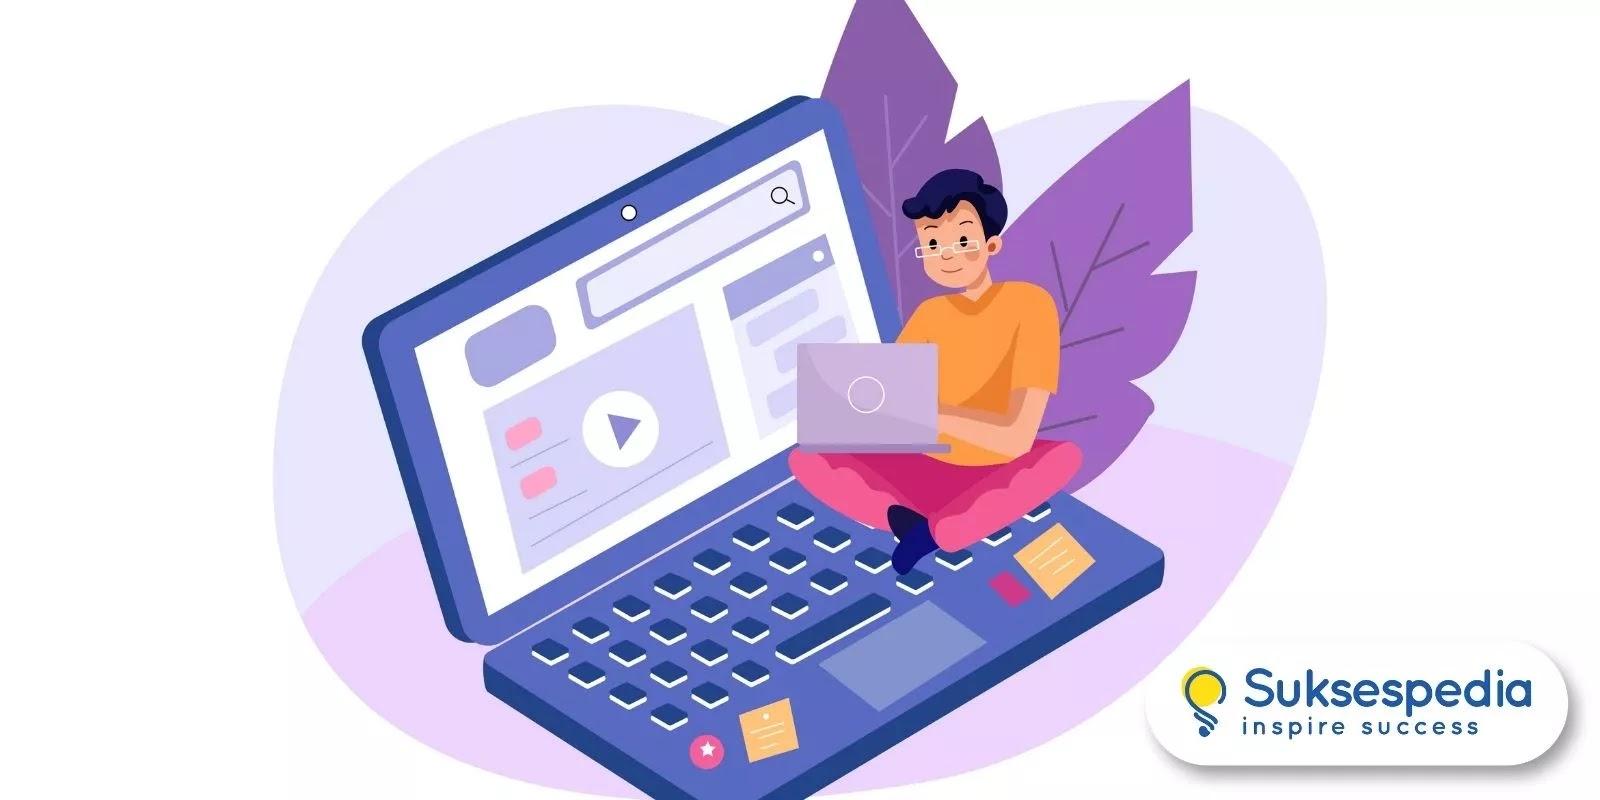 Ingin Mulai Jadi Youtuber? Simak Cara Membuat Channel Youtube Resmi!